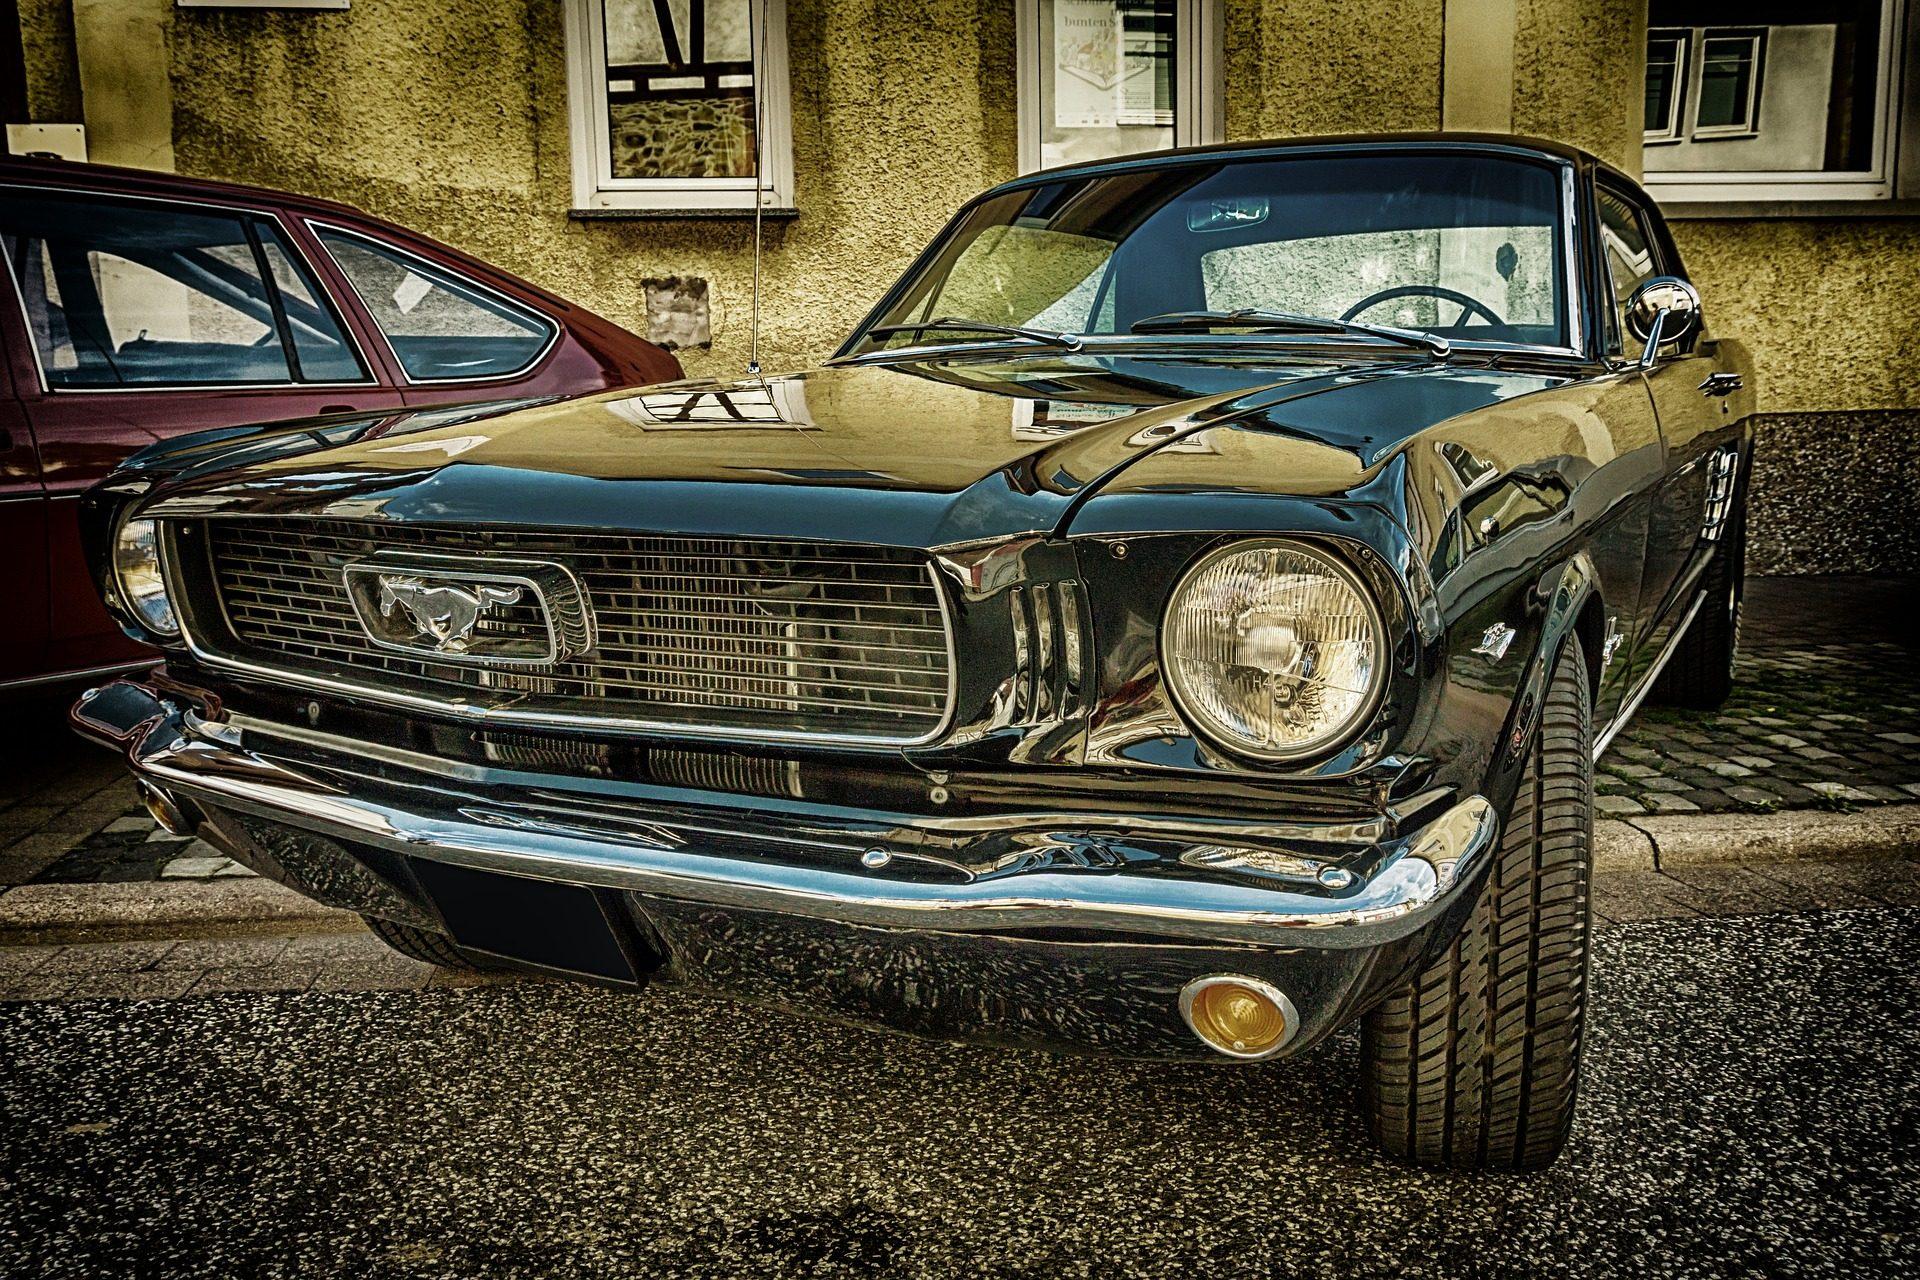 車, 古い, ヴィンテージ, クラシック, 明るさ - HD の壁紙 - 教授-falken.com